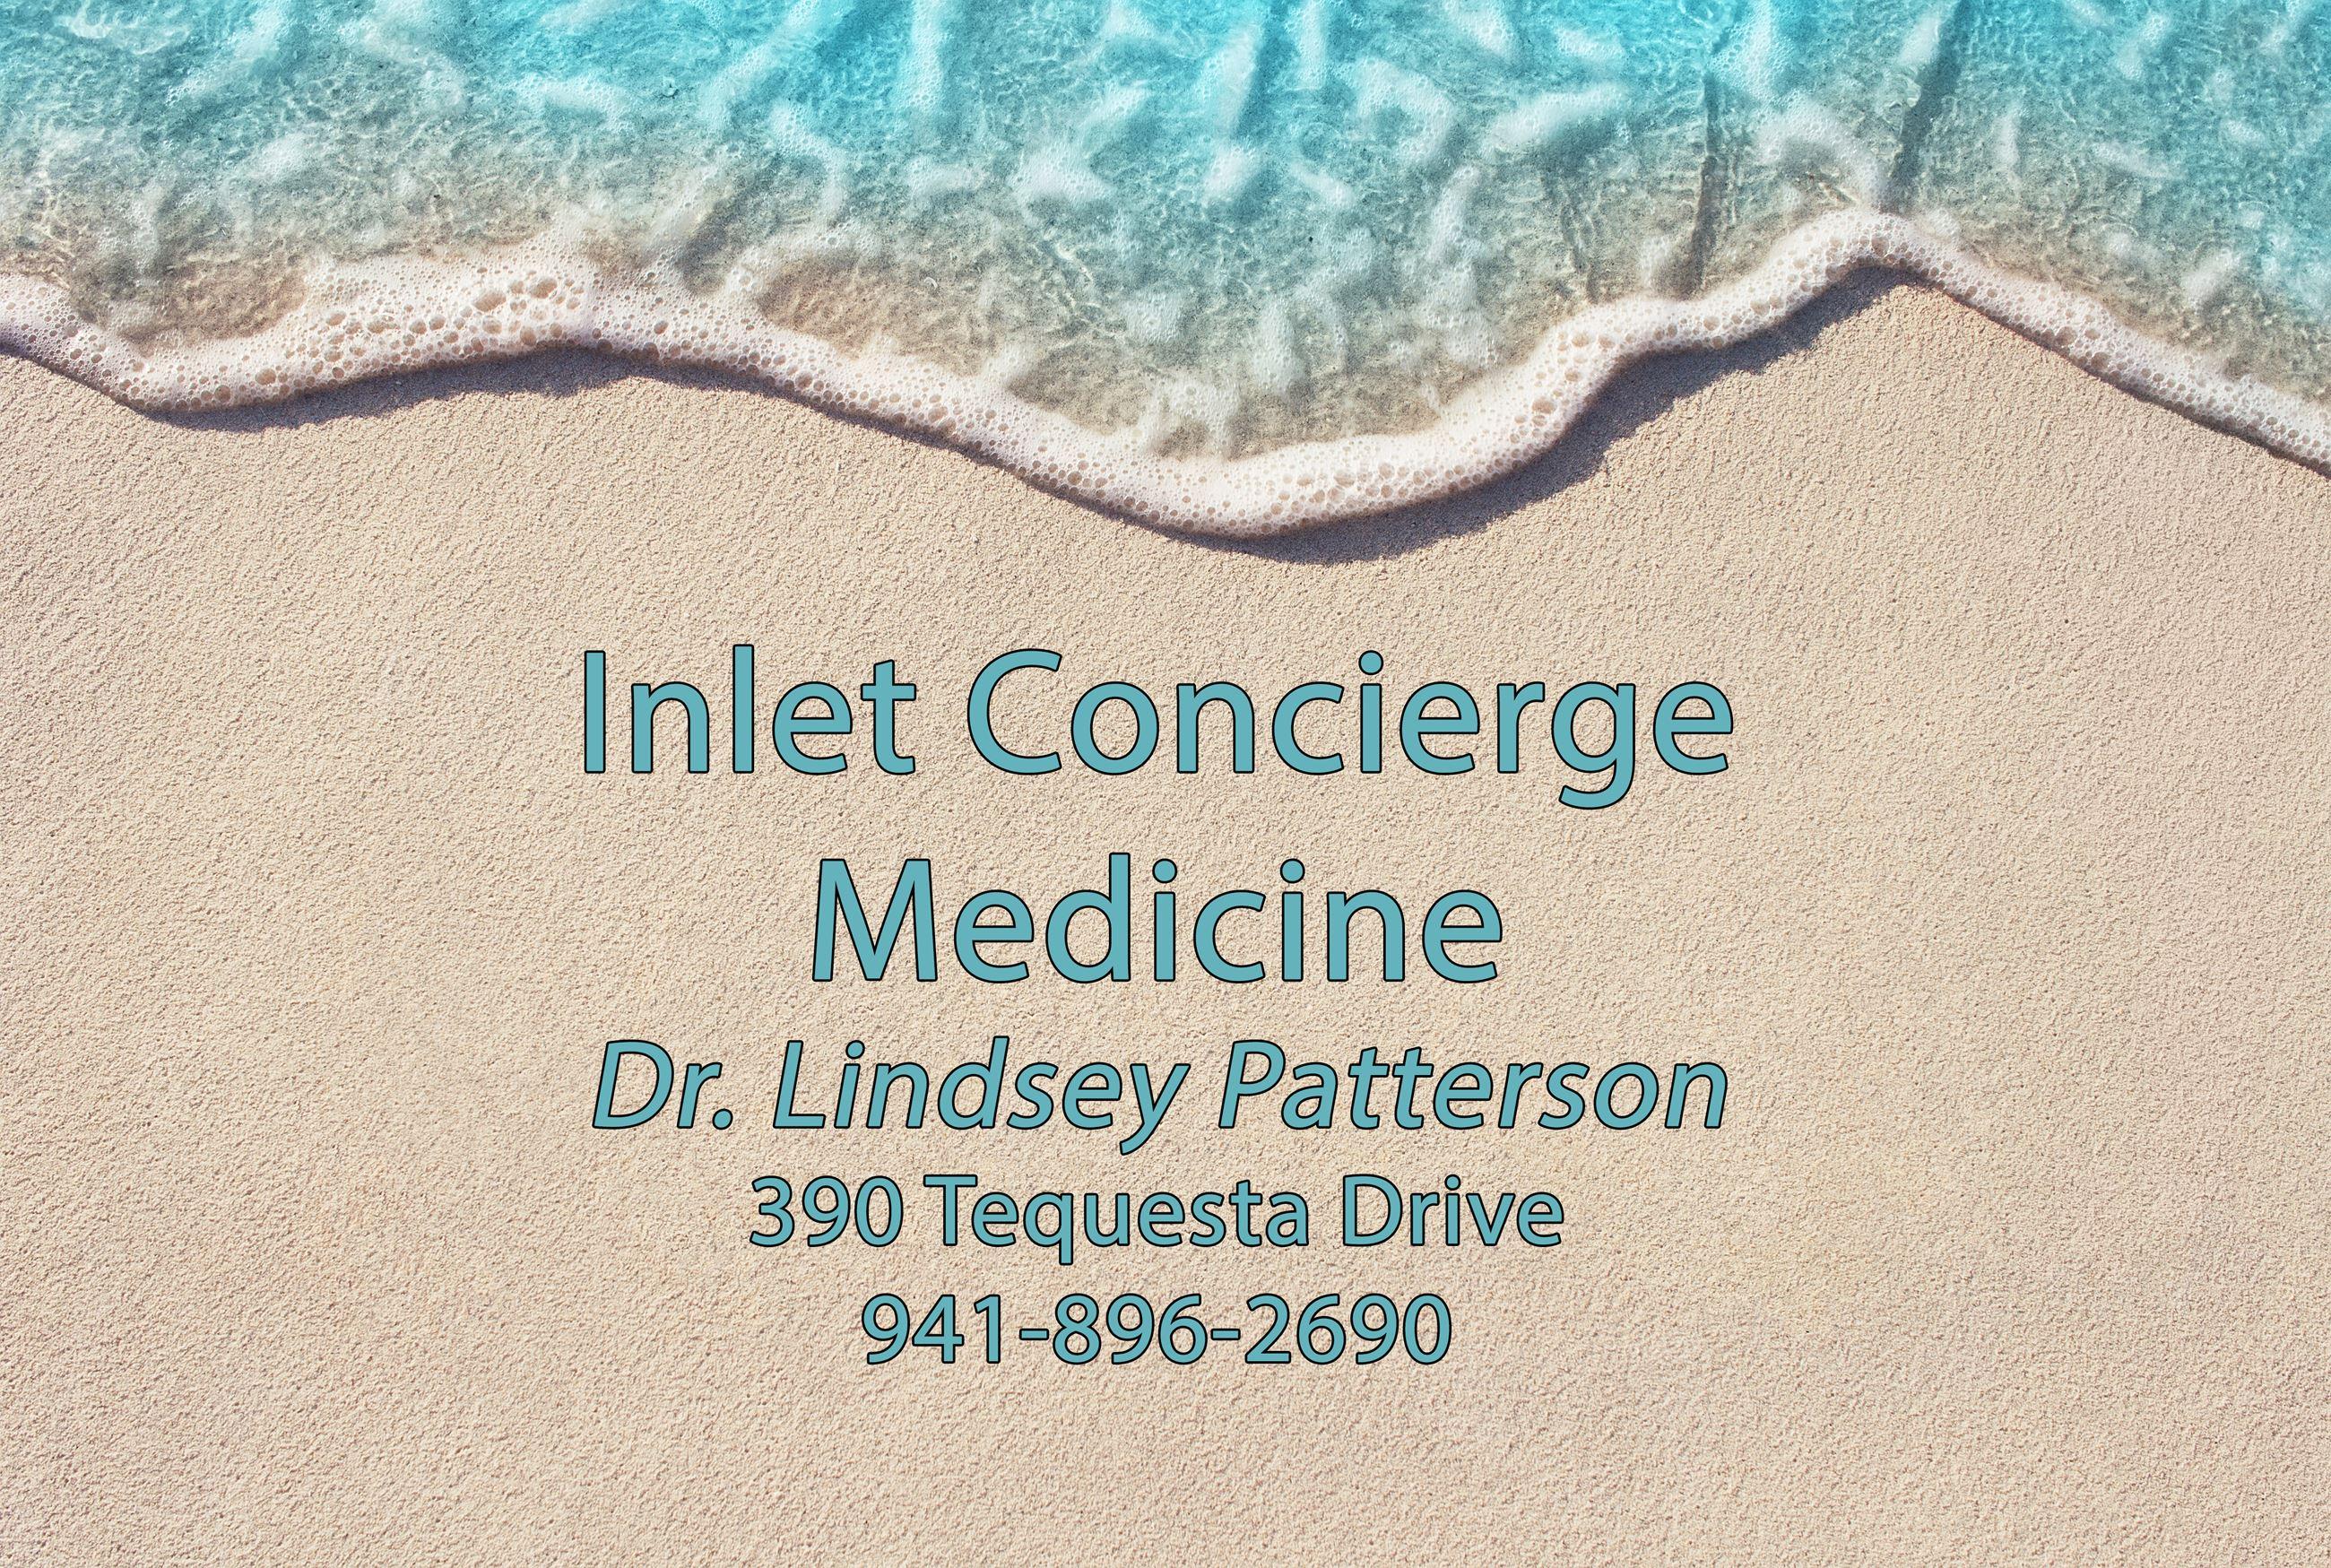 Inlet Concierge Medicine